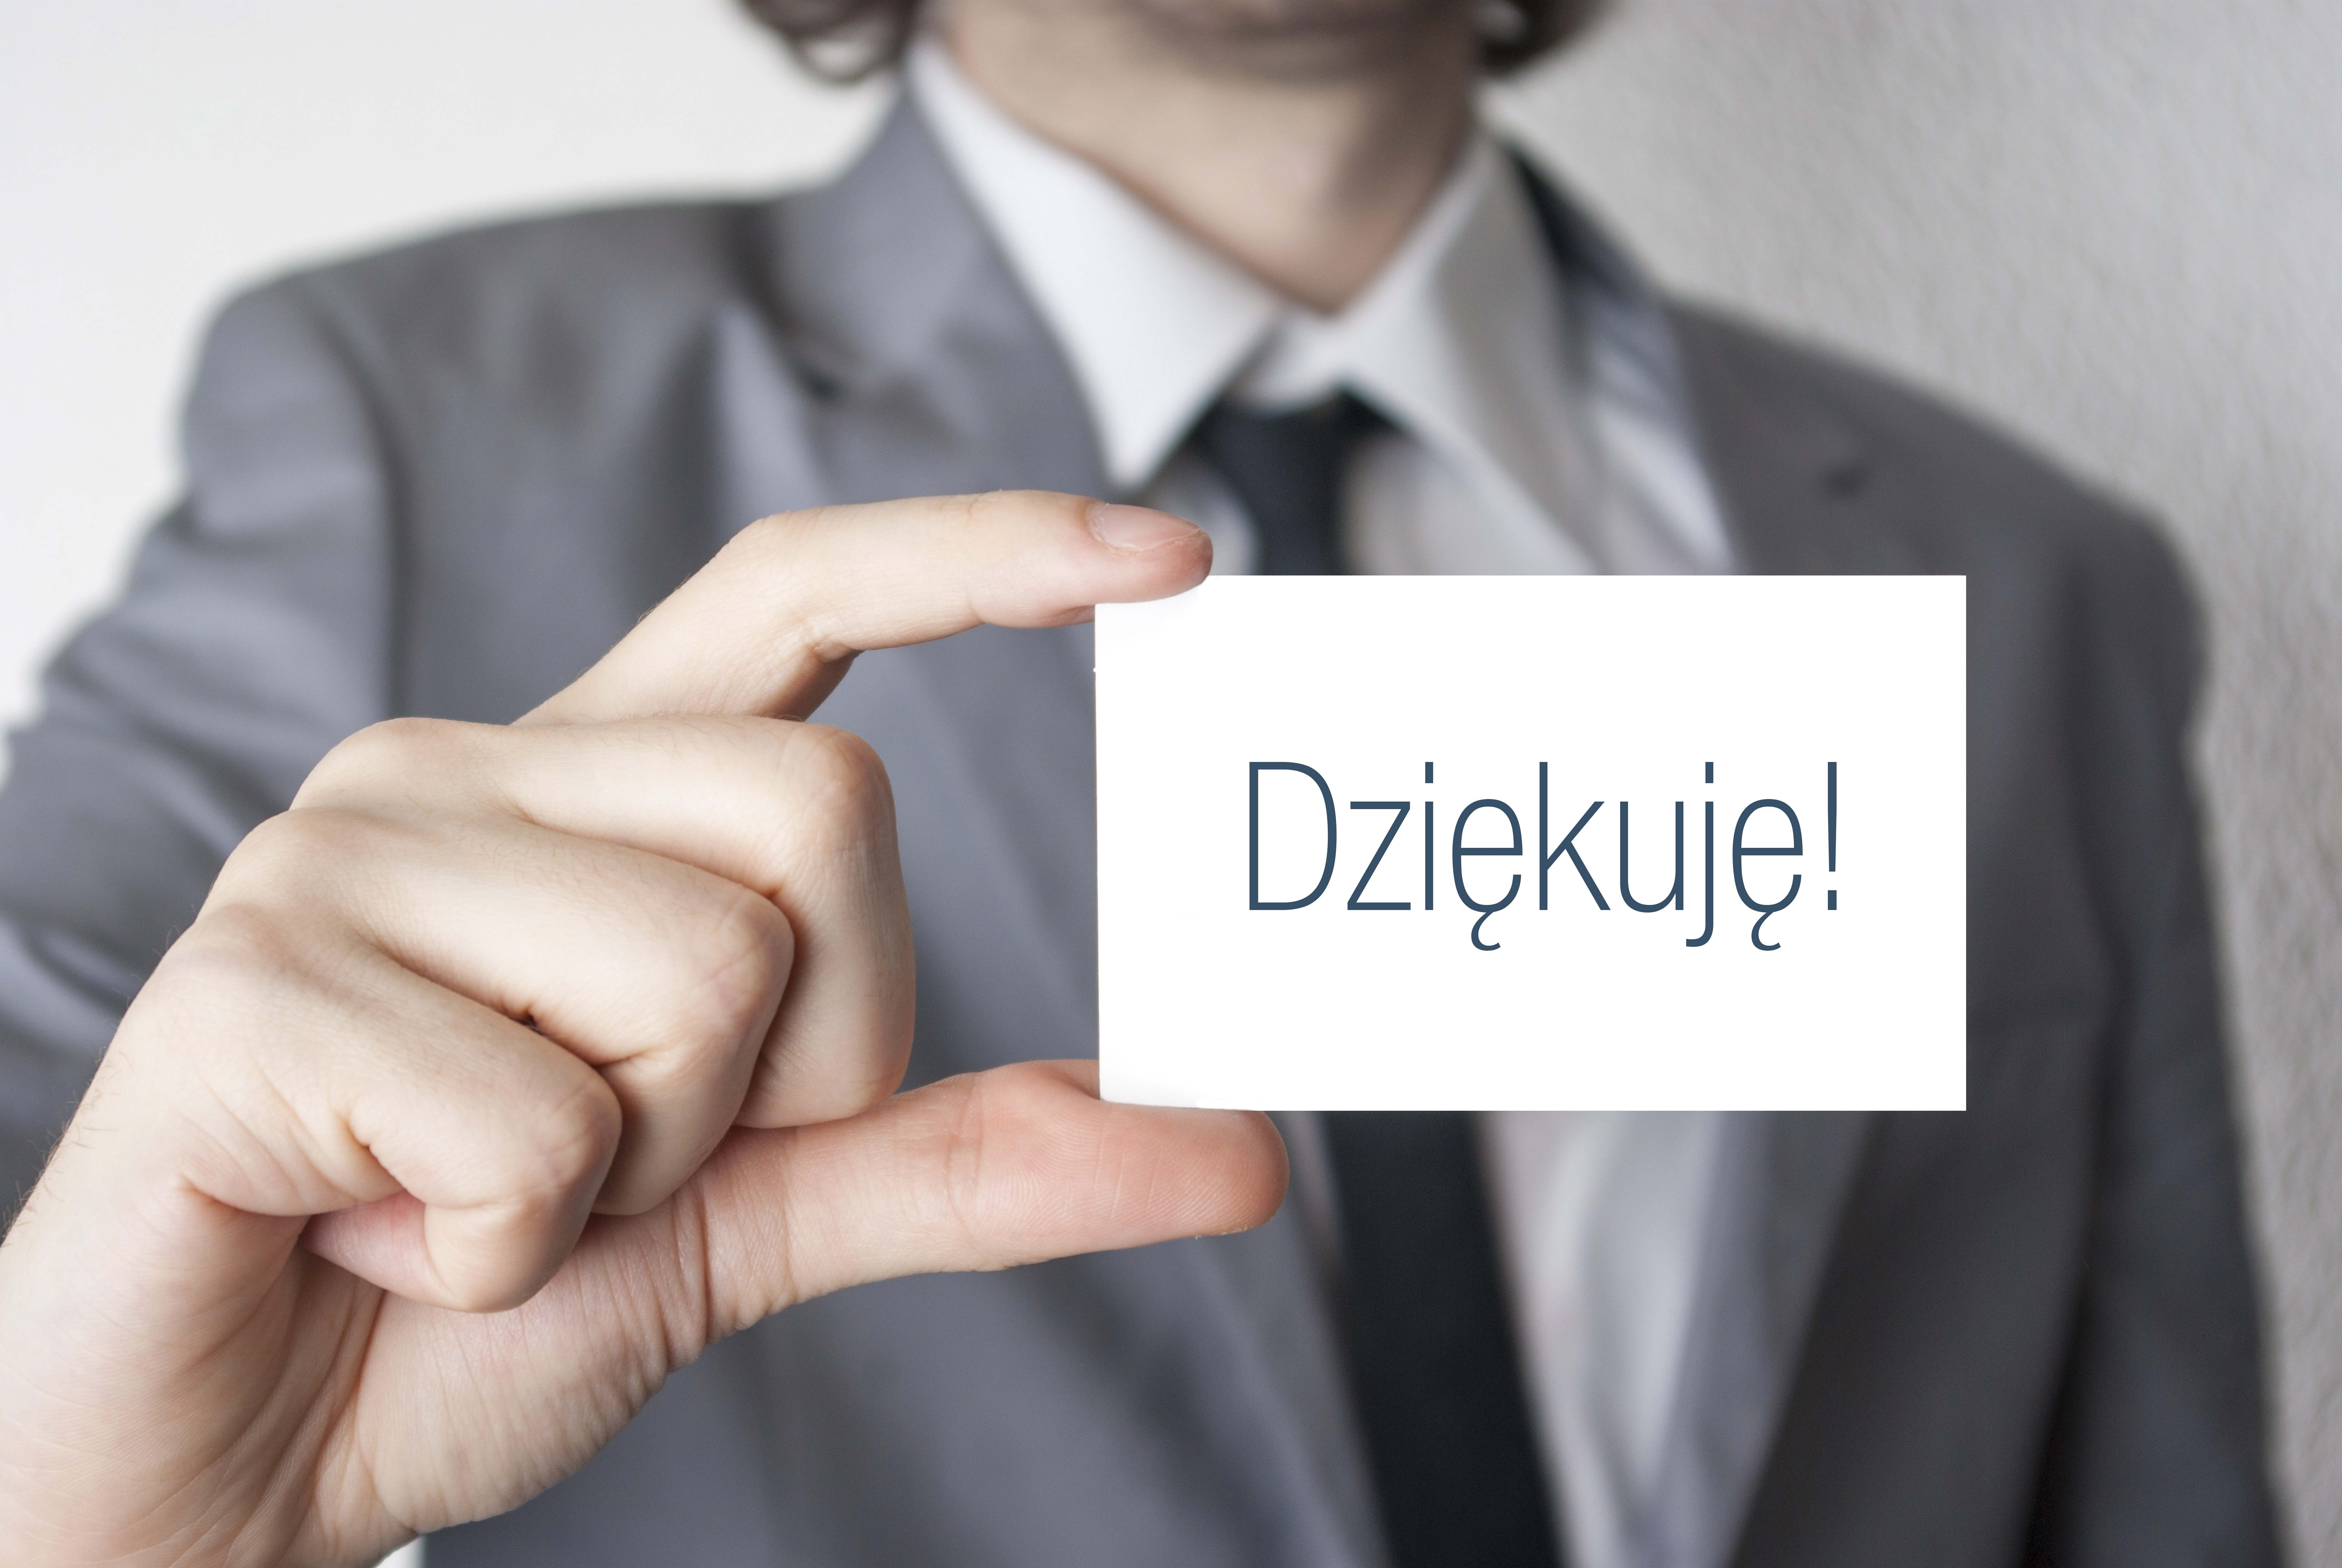 Codzienna pozytywna informacja zwrotna od menedżera może zdziałać bardzo dużo – zwłaszcza, gdy jest szczera i przemyślana. (Fot. Mat. pras.)